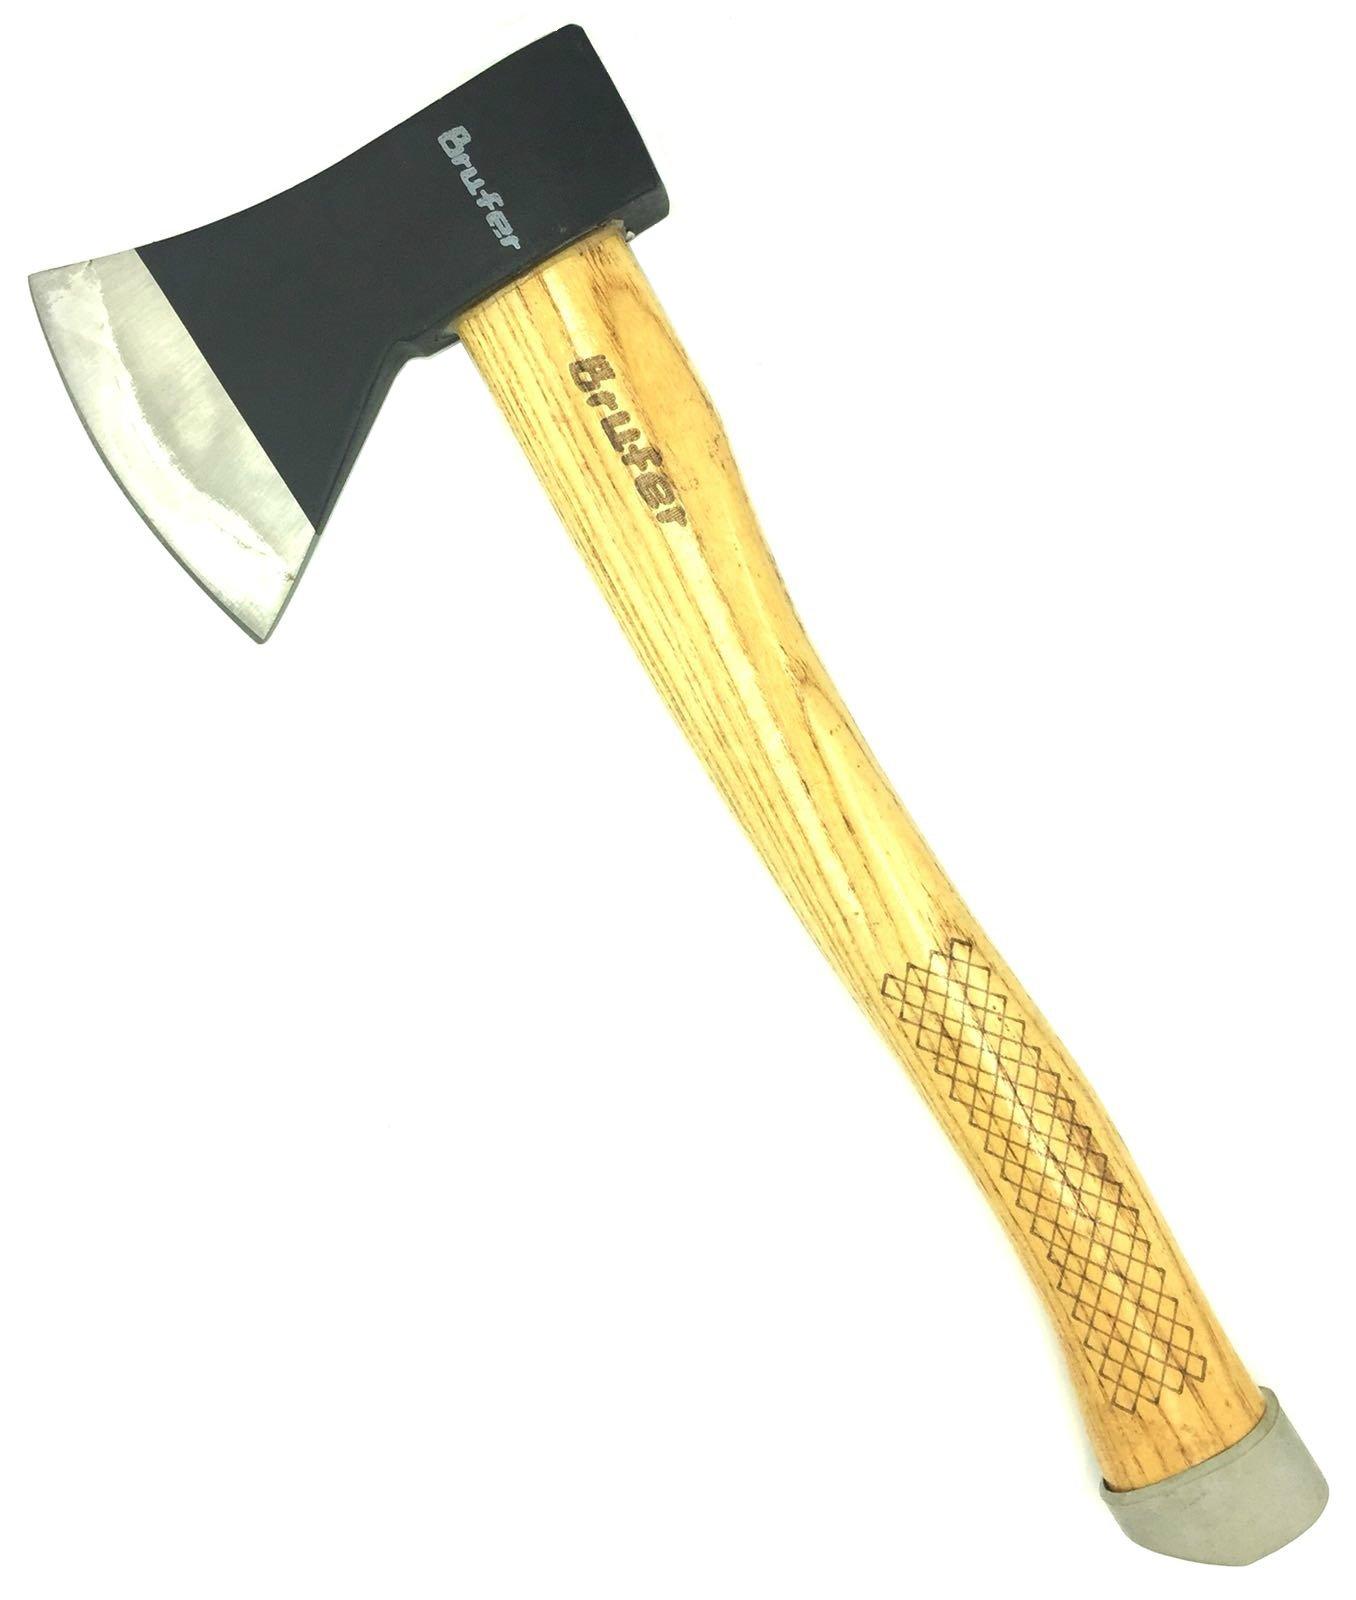 BRUFER 203651-1 Hatchet Axe with Wood Handle 600g 21oz